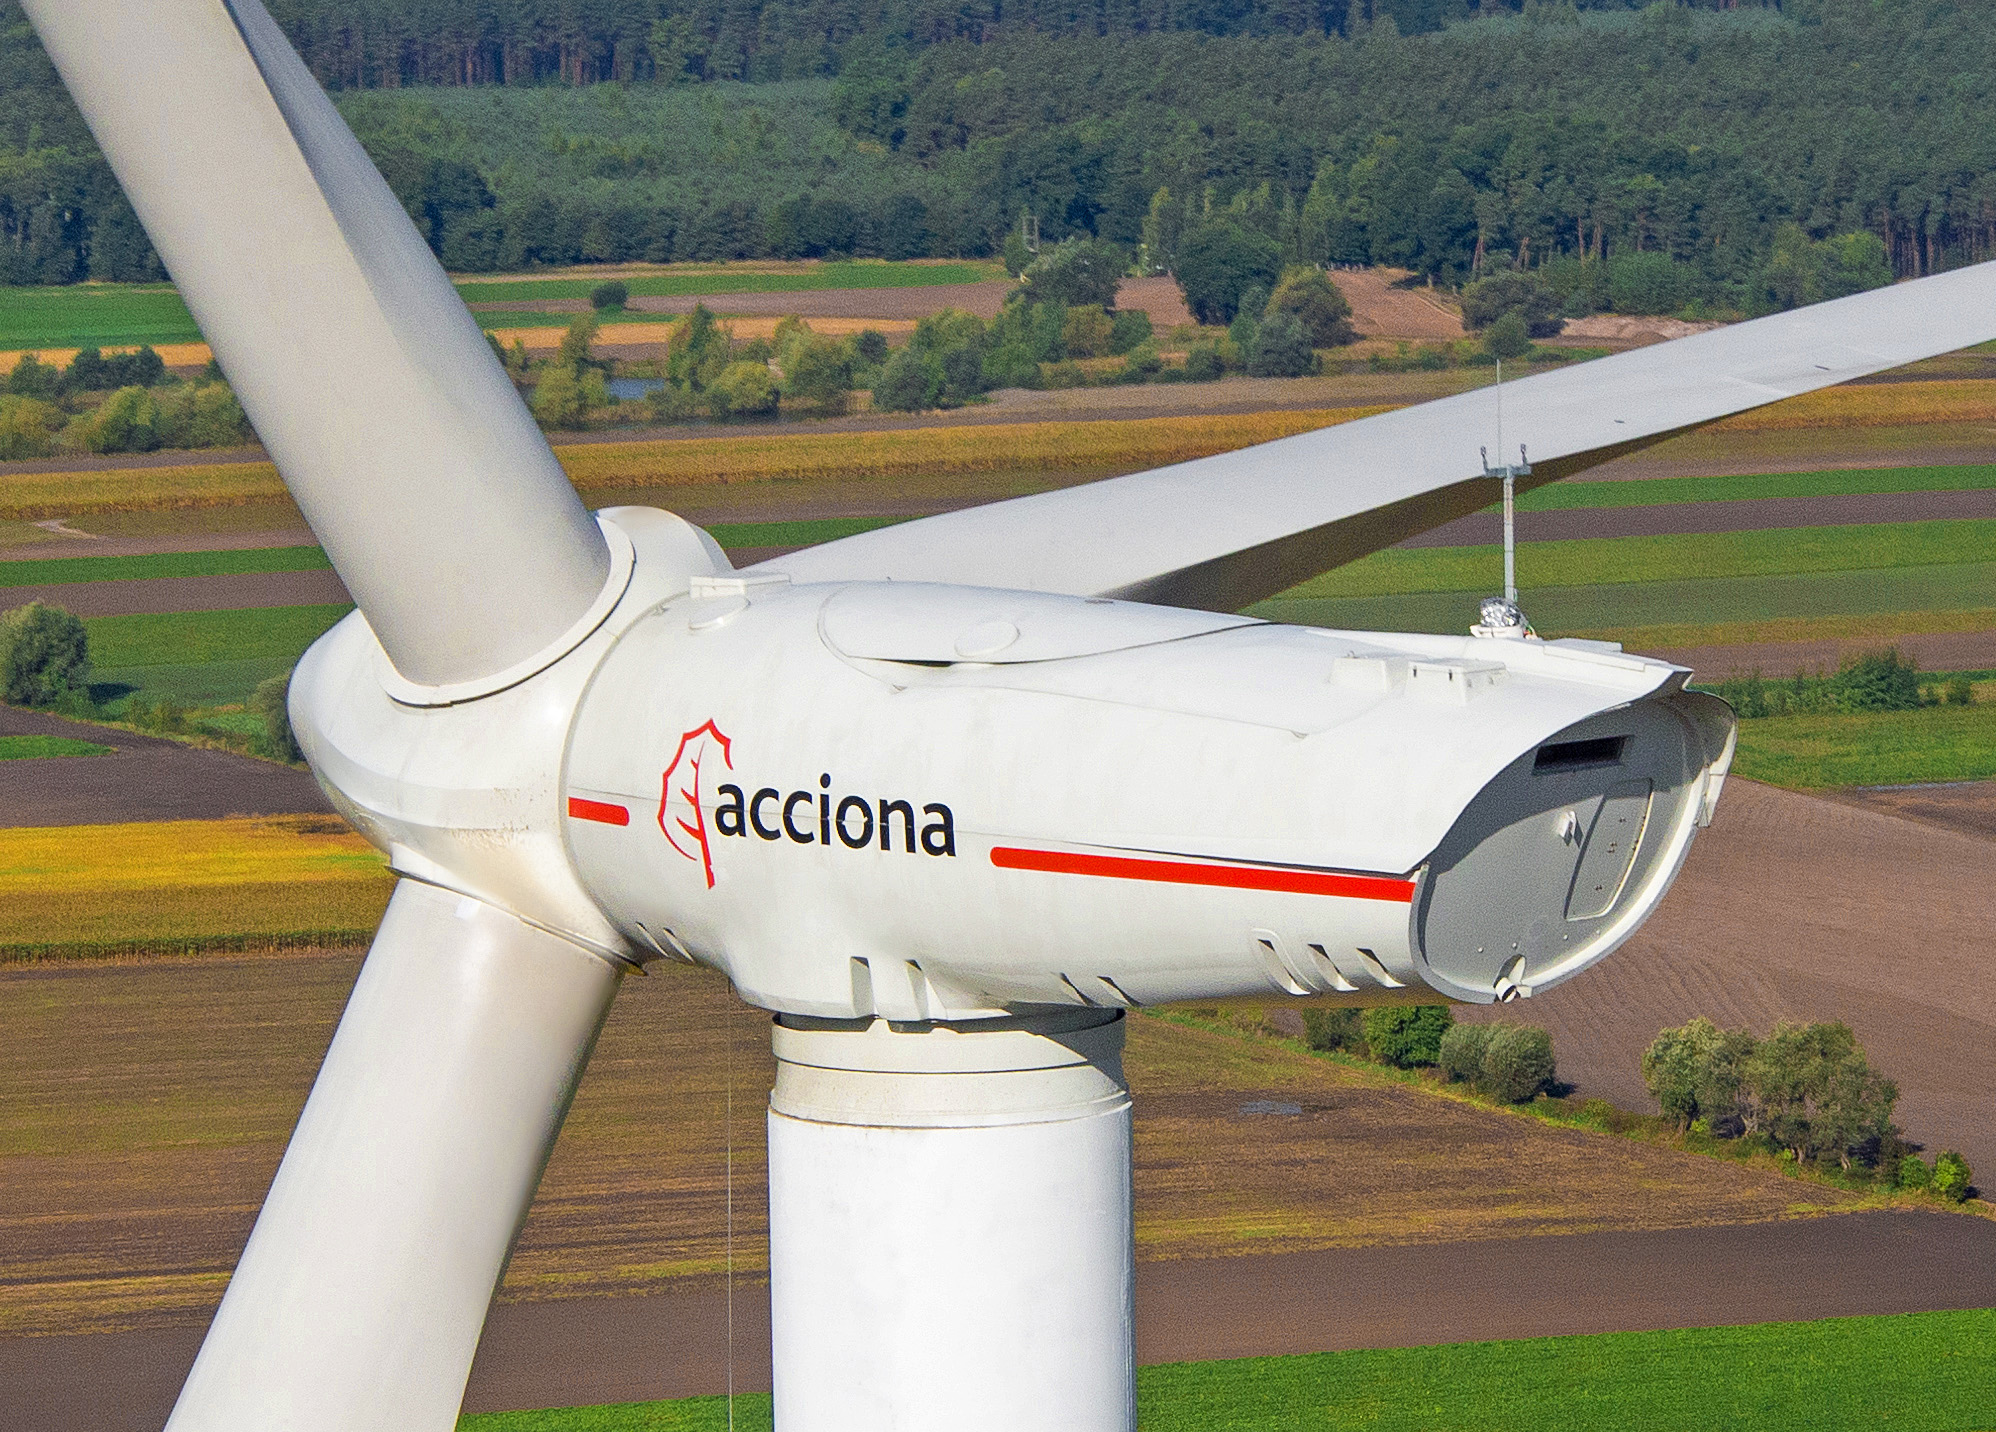 Eólica y energías renovables: Acciona vende aerogeneradores en Brasil para varios parques eólicos